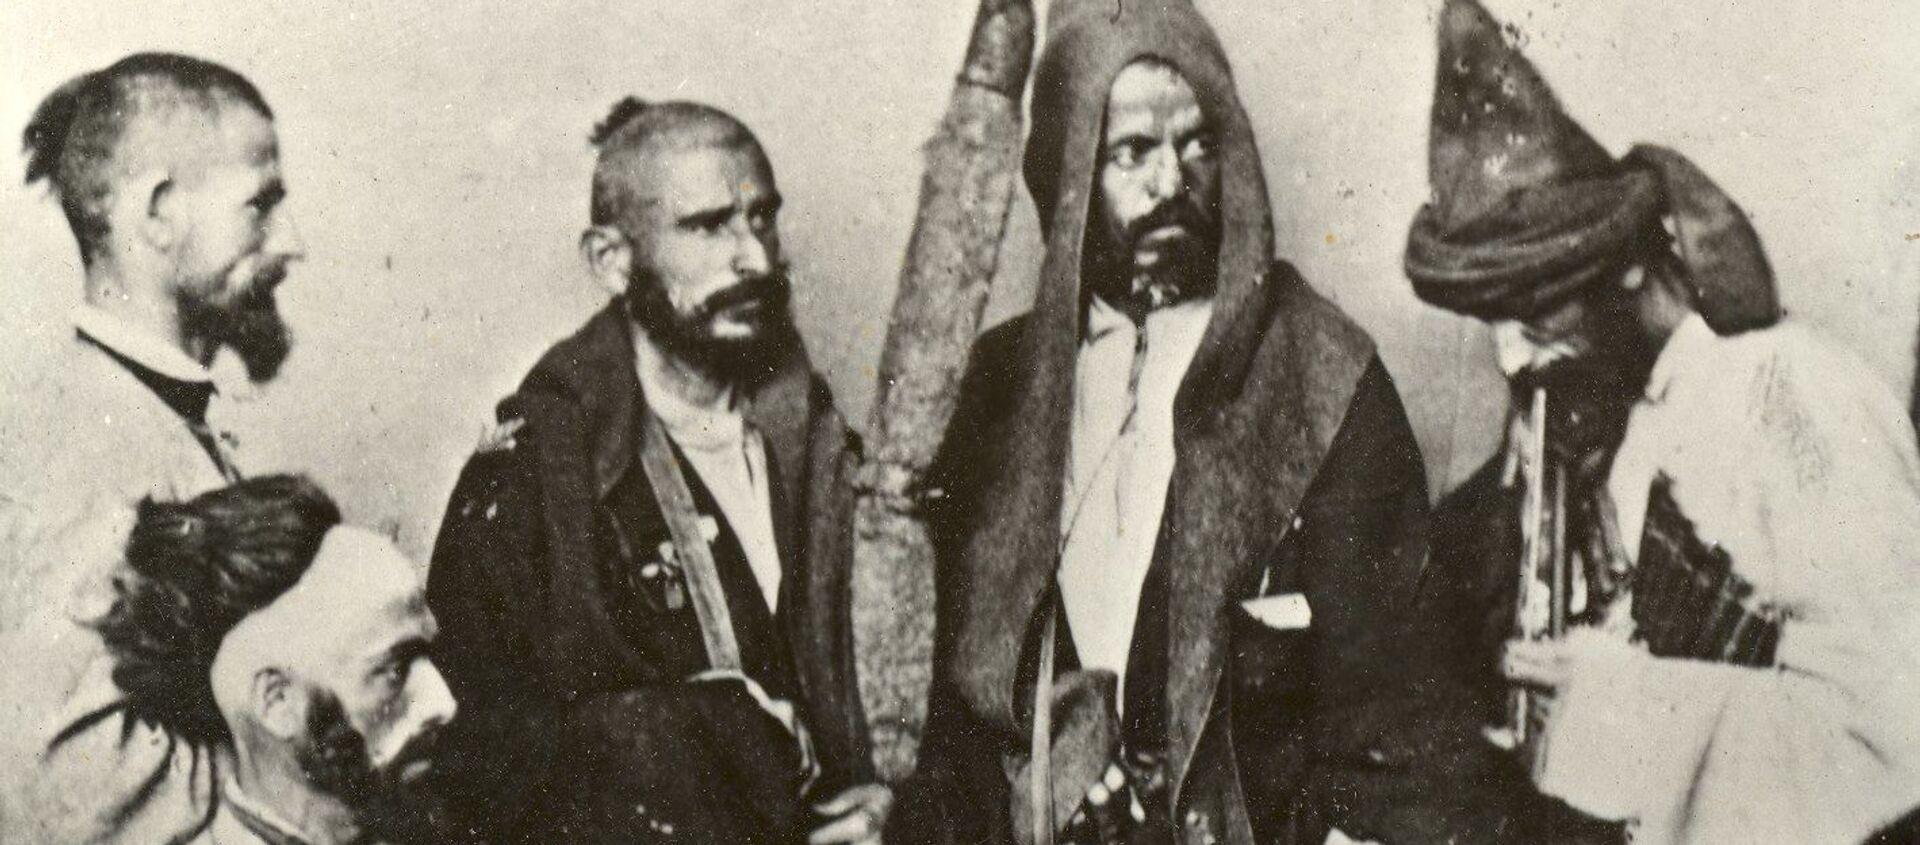 Д.И. Ермаков иусумҭа Абхазы. 1867 ш. - Sputnik Аҧсны, 1920, 05.05.2019